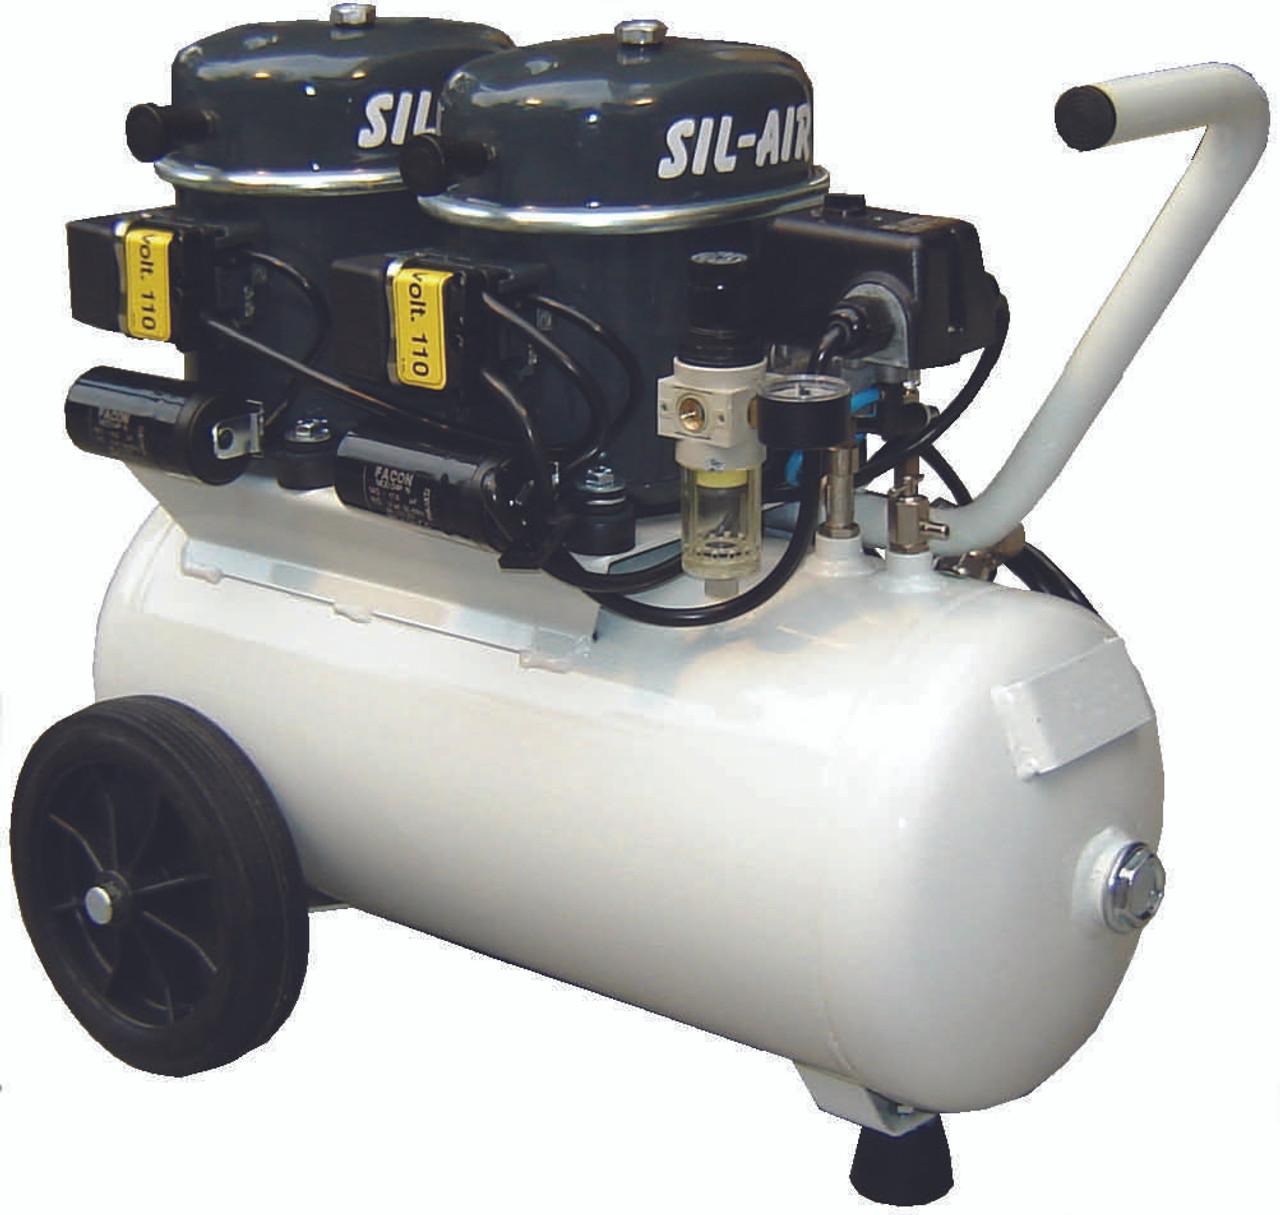 Sil-Air 100-24 2 x 1/2 HP 4.5 CFM 6 Gallon Portable Silent Air Compressor by Silentaire Technologies